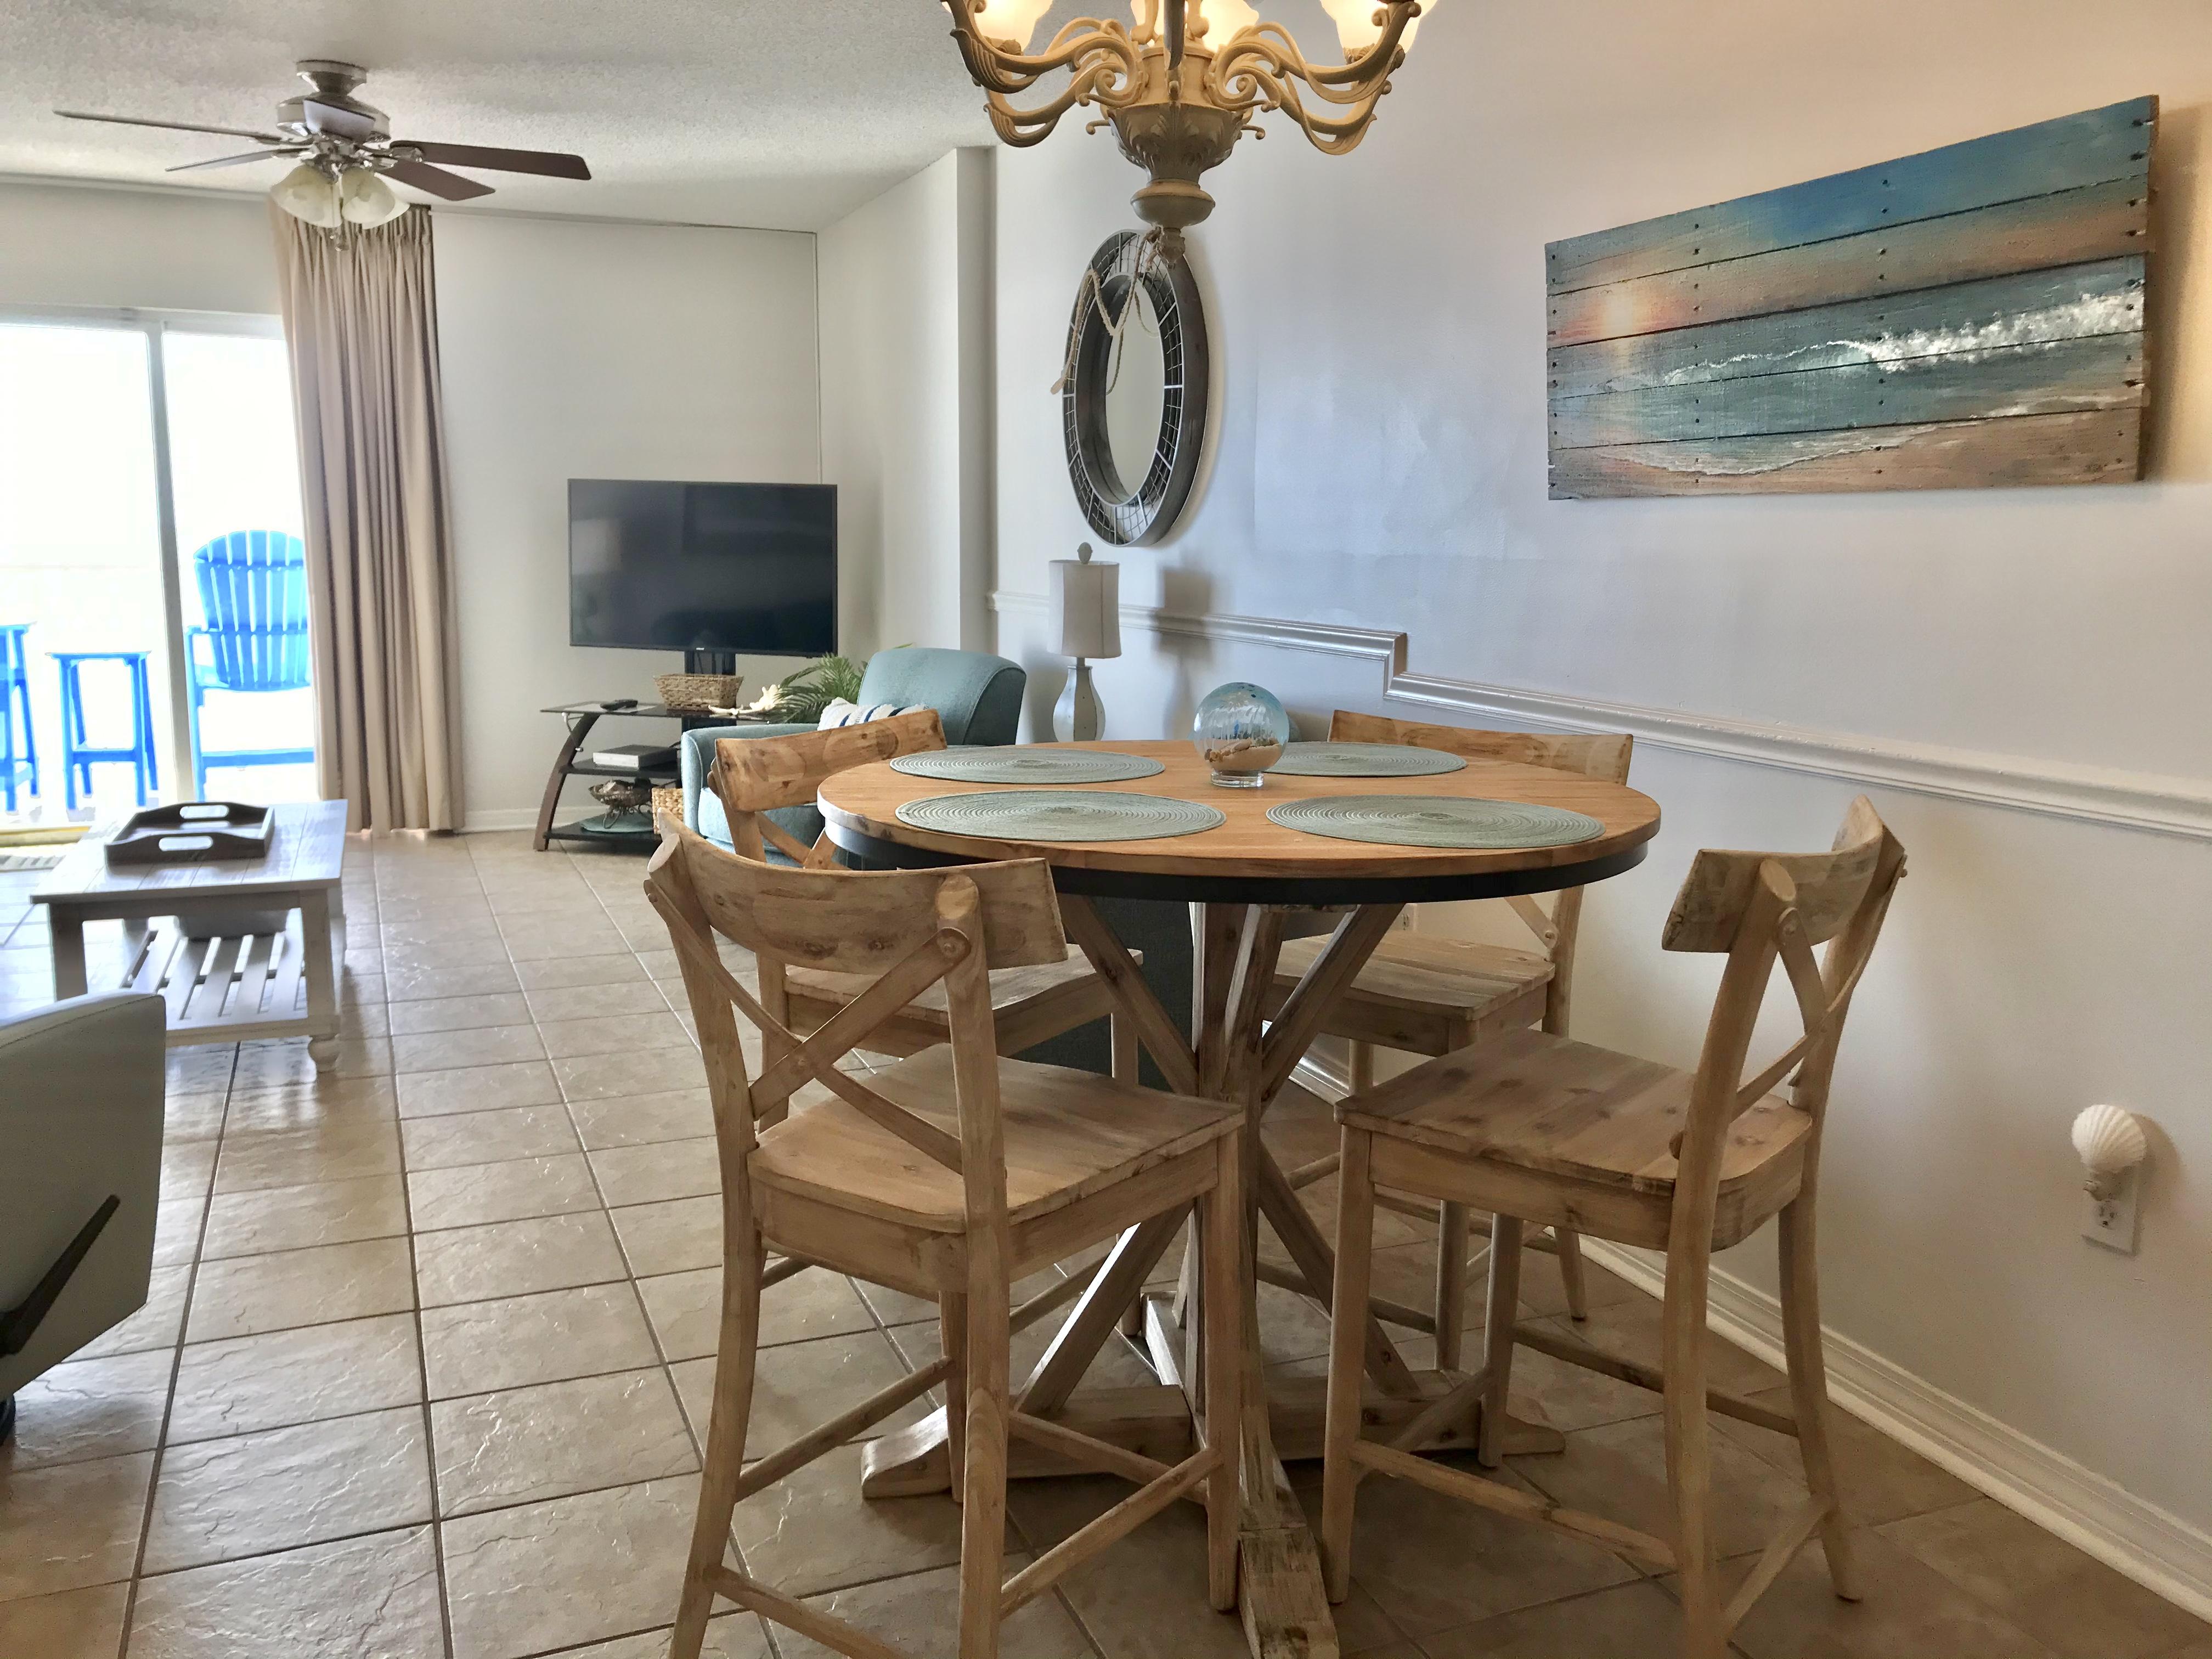 Ocean House 1905 Condo rental in Ocean House - Gulf Shores in Gulf Shores Alabama - #22